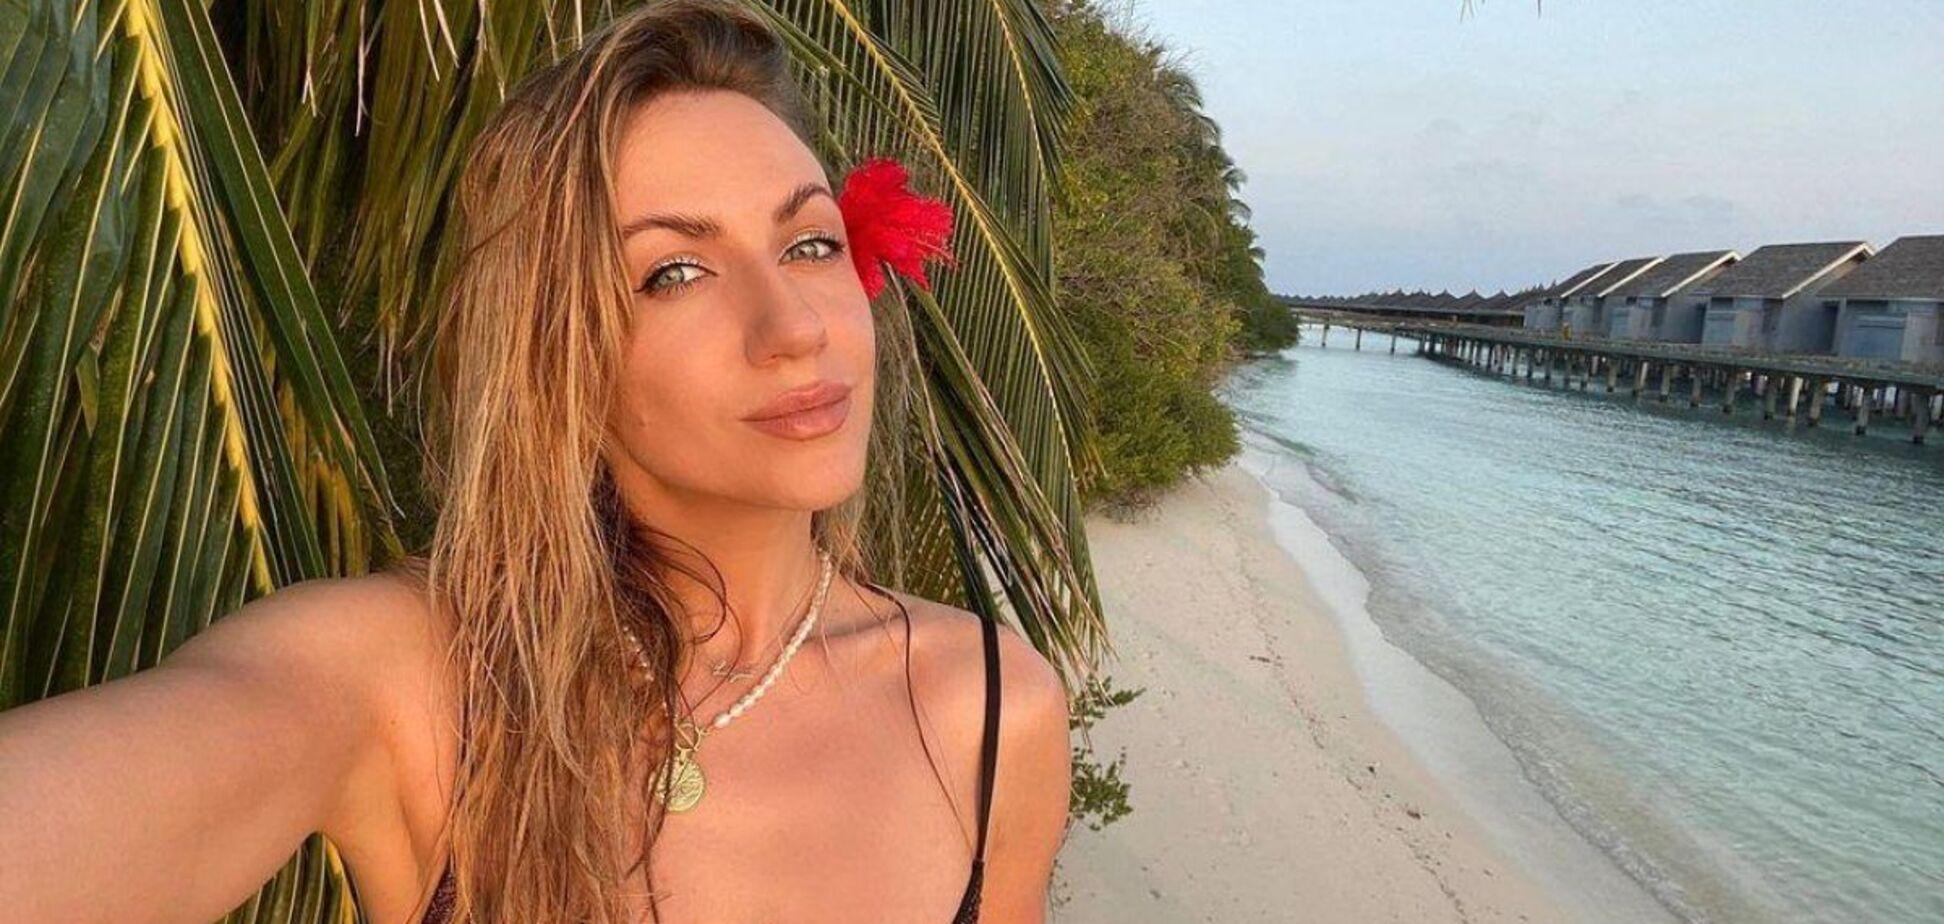 Леся Никитюк удивила фанатов фигурой в купальнике за 500 грн. Фото